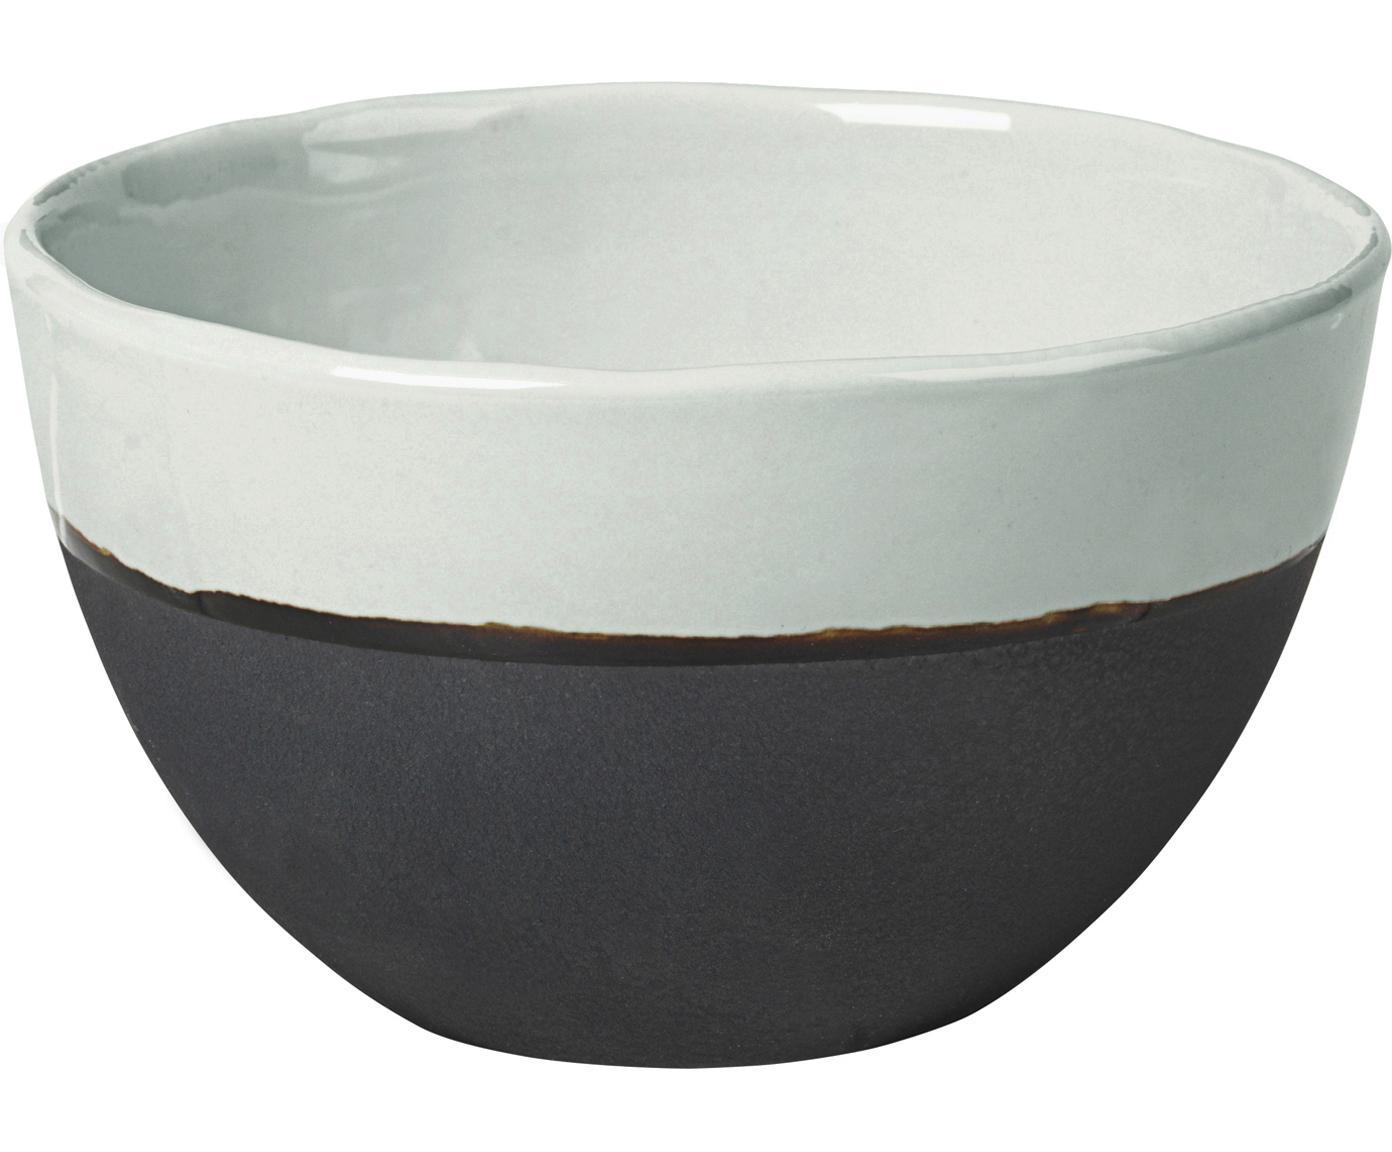 Ciotola fatta a mano Esrum 4 pz, Sotto: terracotta, naturale, Avorio, marrone grigio, Ø 14 x Alt. 9 cm